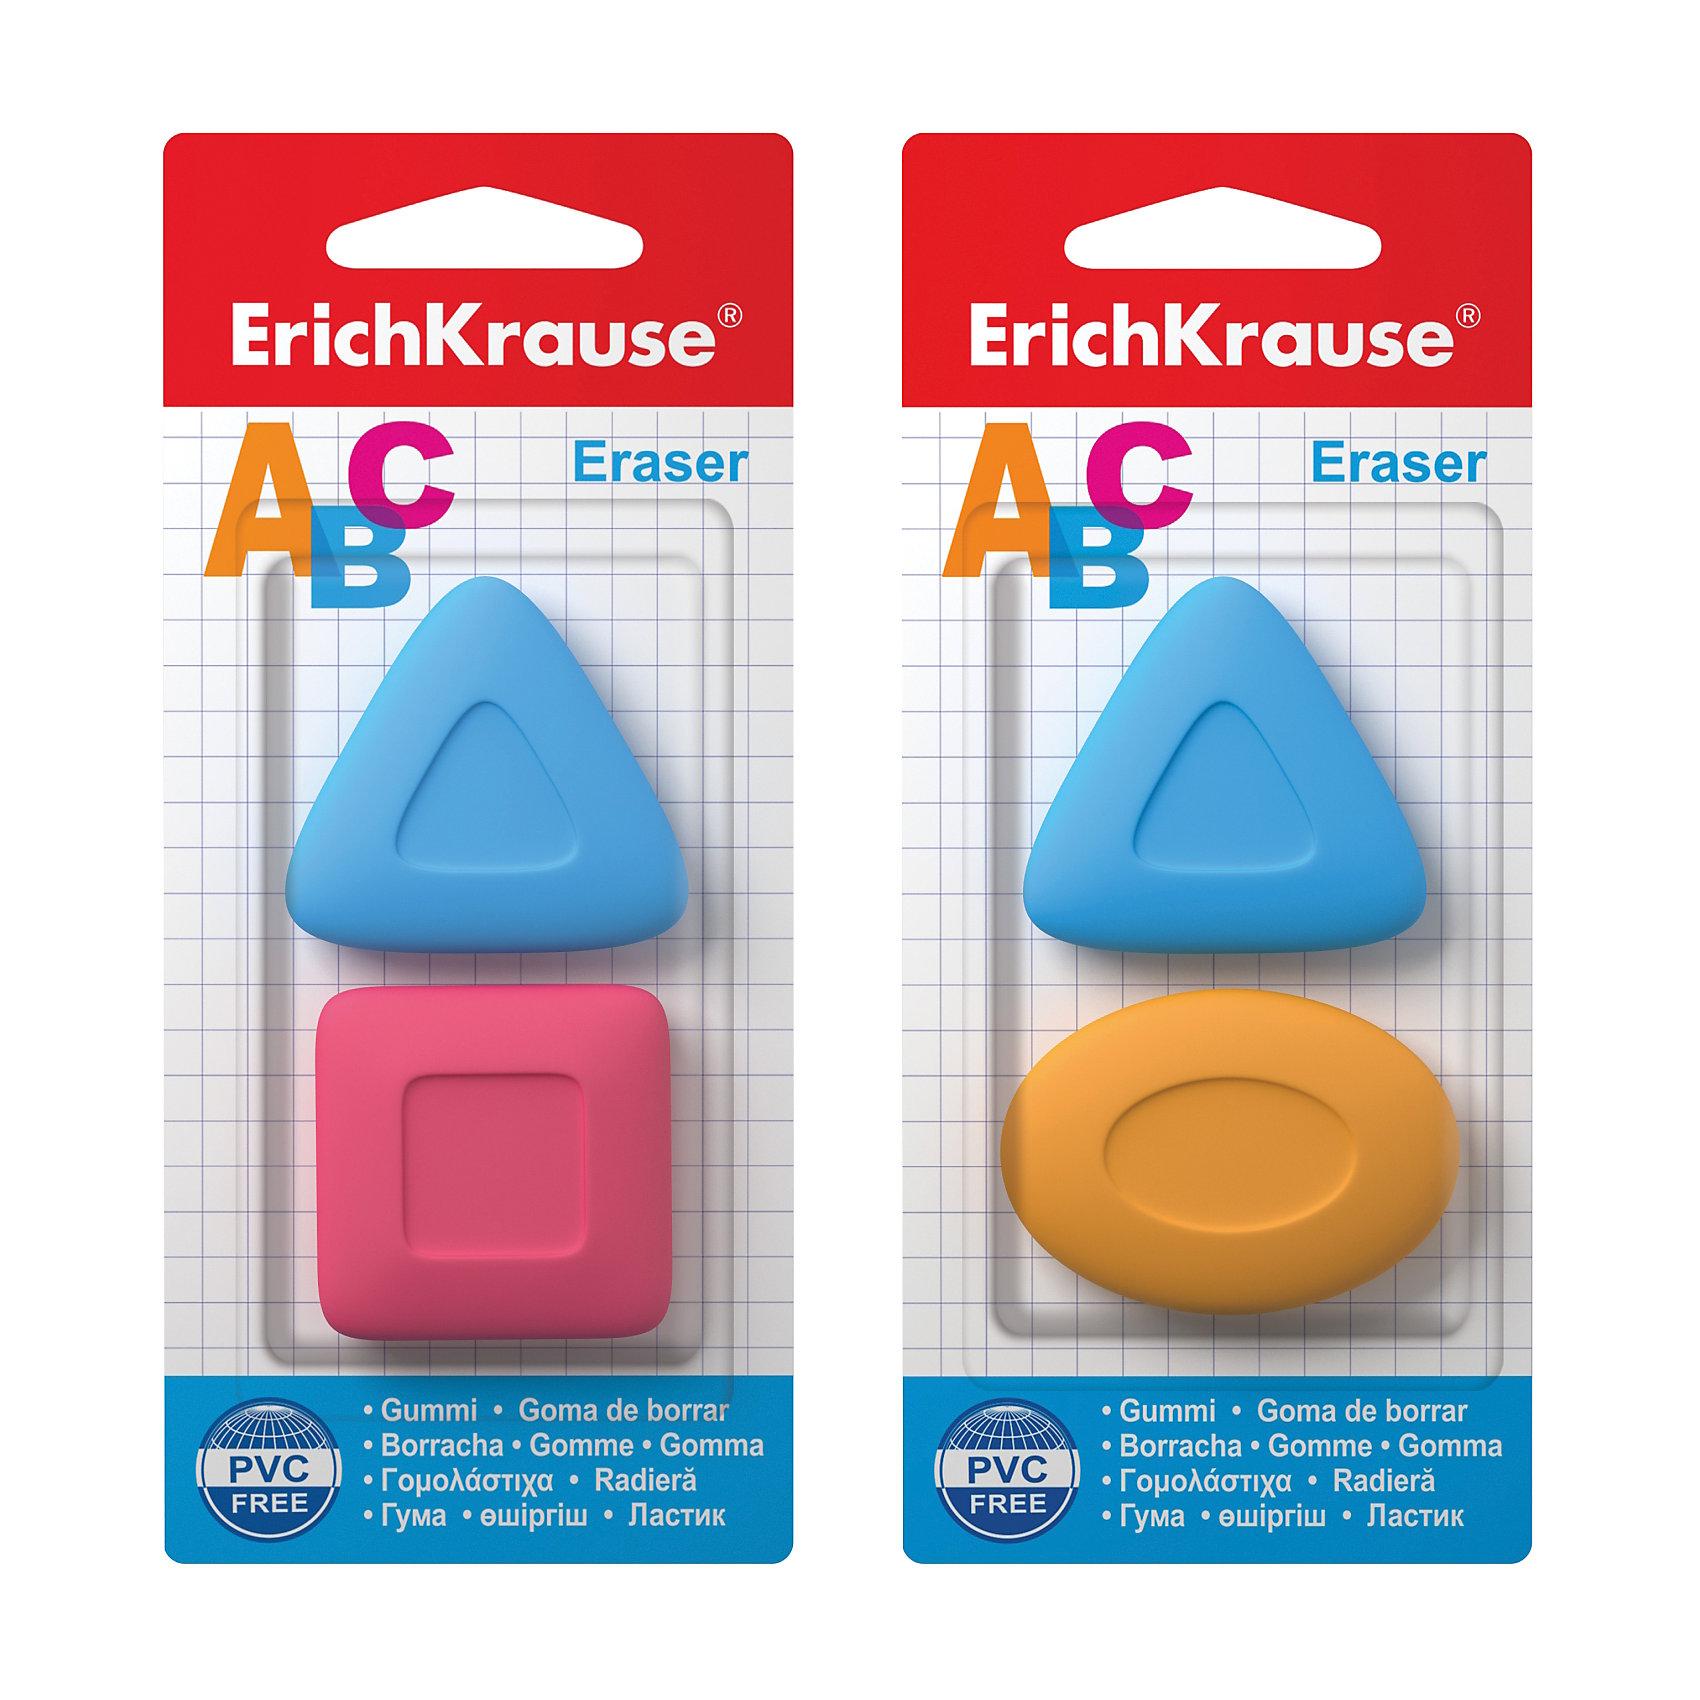 Набор из 2-х ластиков ABC, Erich KrauseЧертежные принадлежности<br>Набор из 2-х ластиков ABC, Erich Krause (Эрих Краузе). <br><br>Характеристика: <br><br>• Материал: каучук.<br>• Стружка от ластика скатывается в один комок, а не рассыпается по всей поверхности листа. <br>• 2 ластика в наборе.<br>• Яркие цвета. <br><br>Яркие ластики ABC отлично убирают карандашные линии, не рвут бумагу. Стружка от ластика скатывается в один комок, а не рассыпается по всему листу. Ластики эргономичной формы позволяют убирать даже самые маленькие и незначительные помарки.<br><br>Набор из 2-х ластиков ABC, Erich Krause (Эрих Краузе), можно купить в нашем интернет-магазине.<br><br>Ширина мм: 80<br>Глубина мм: 160<br>Высота мм: 7<br>Вес г: 40<br>Возраст от месяцев: 84<br>Возраст до месяцев: 2147483647<br>Пол: Унисекс<br>Возраст: Детский<br>SKU: 5436339